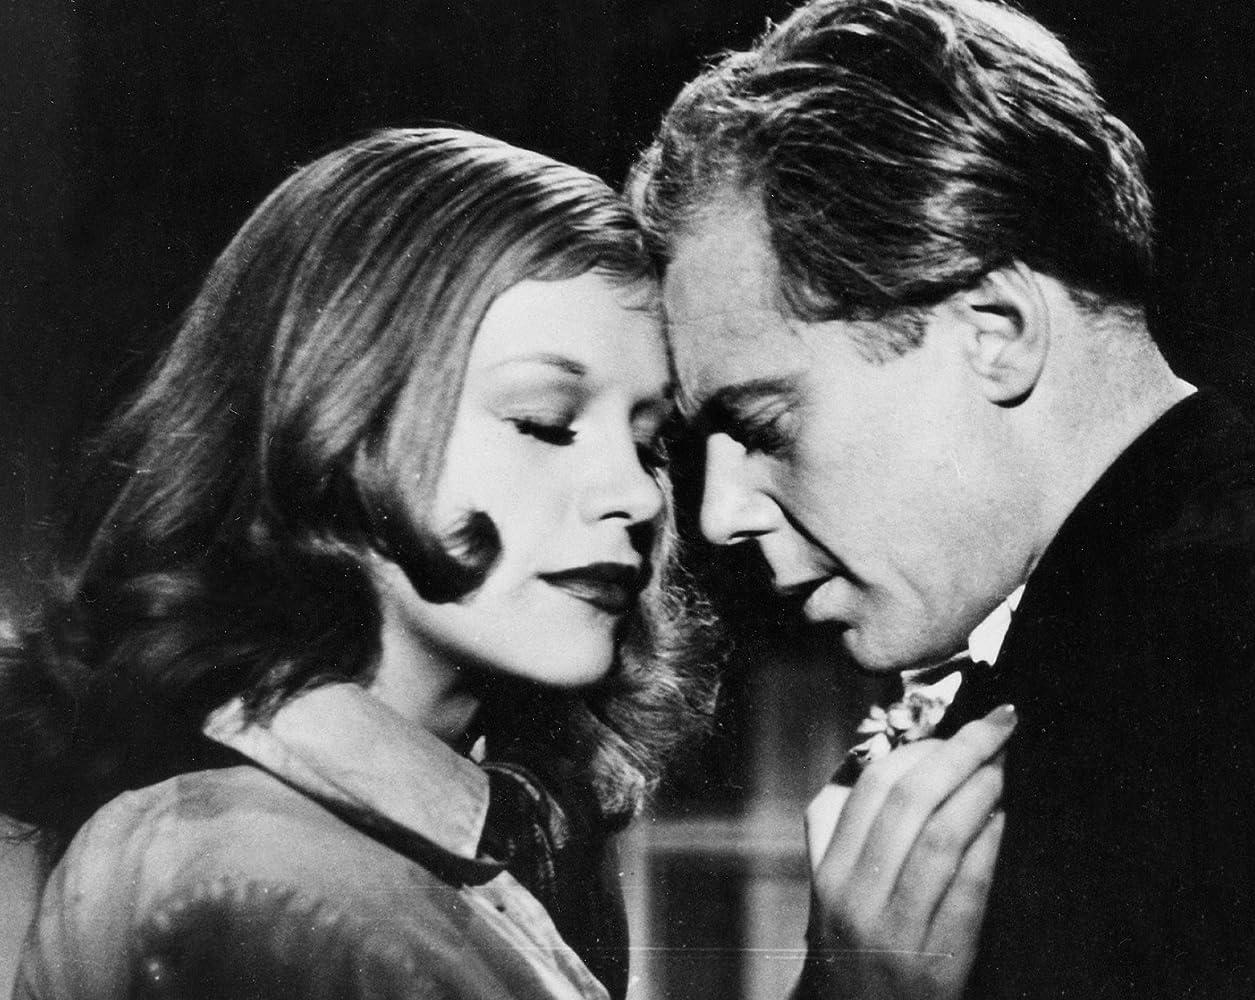 Marius Goring and Hildegard Knef in Nachts auf den Straßen (1952)